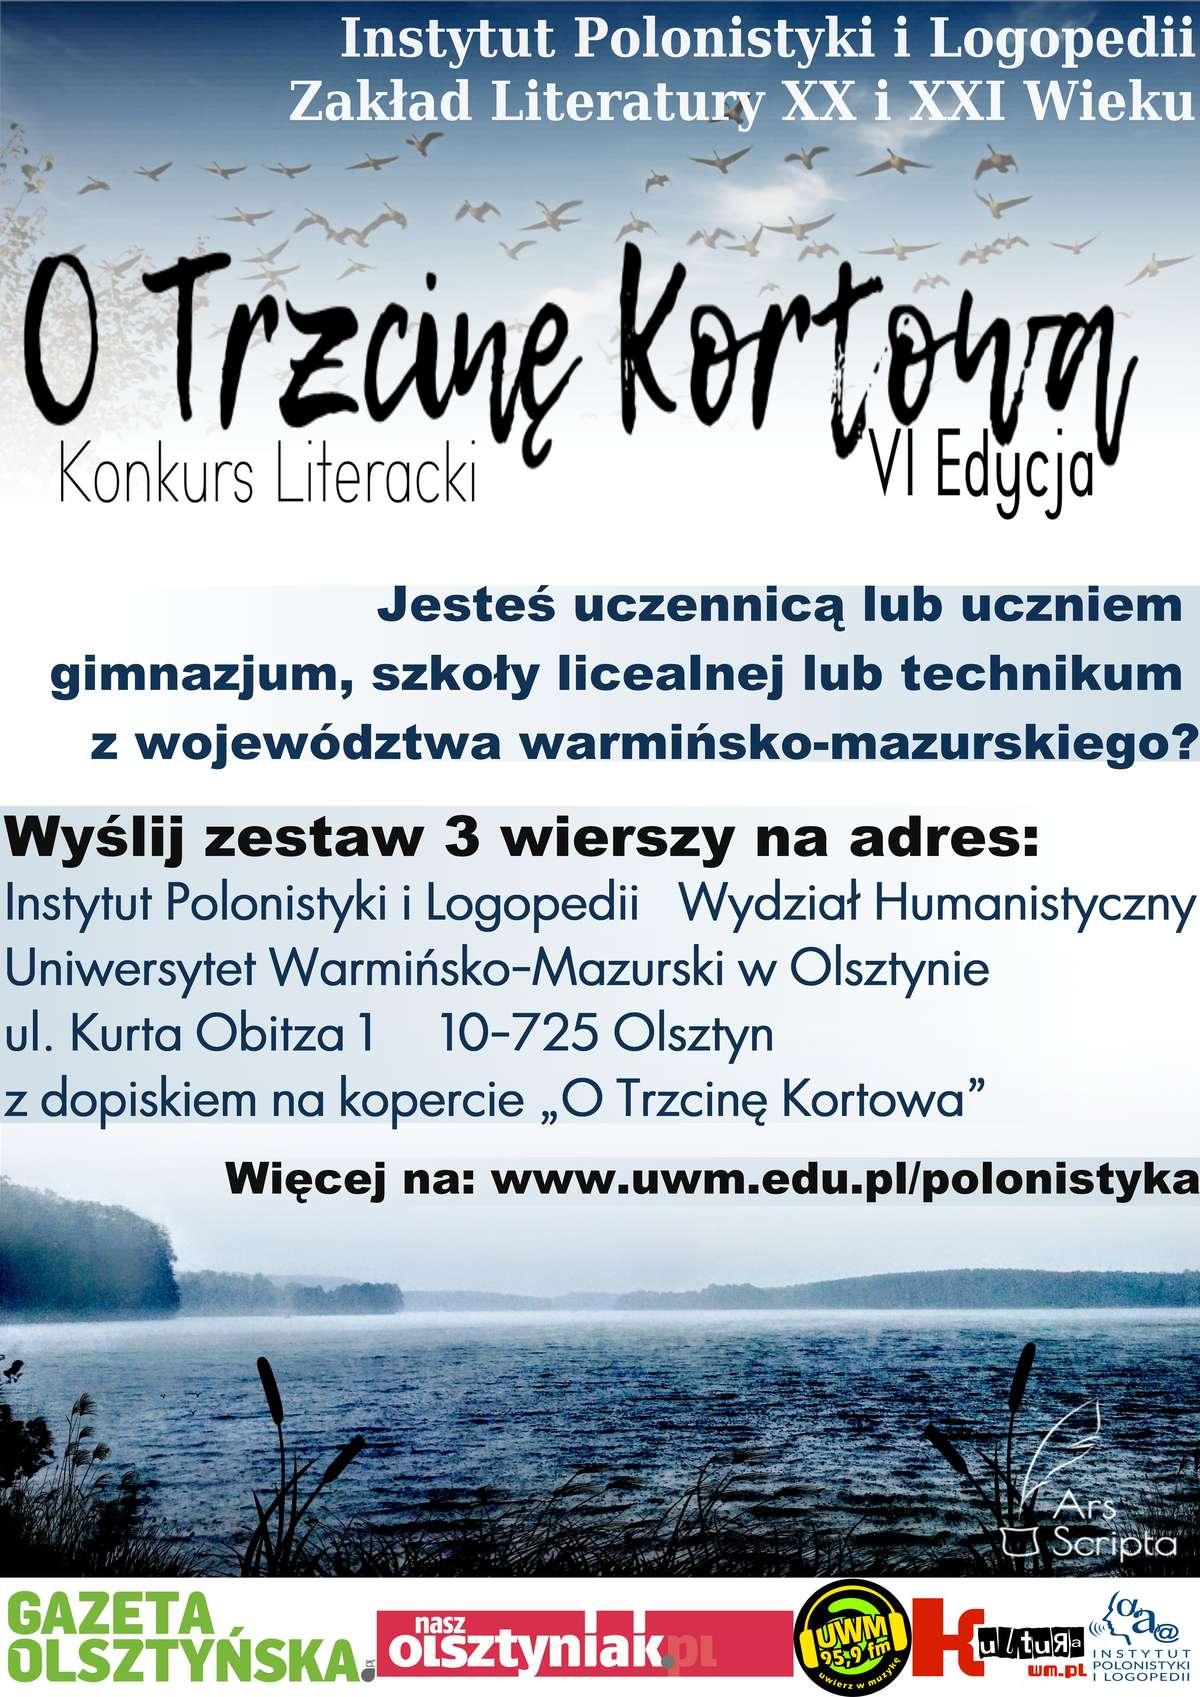 Powalcz o trzcinę Kortowa - full image